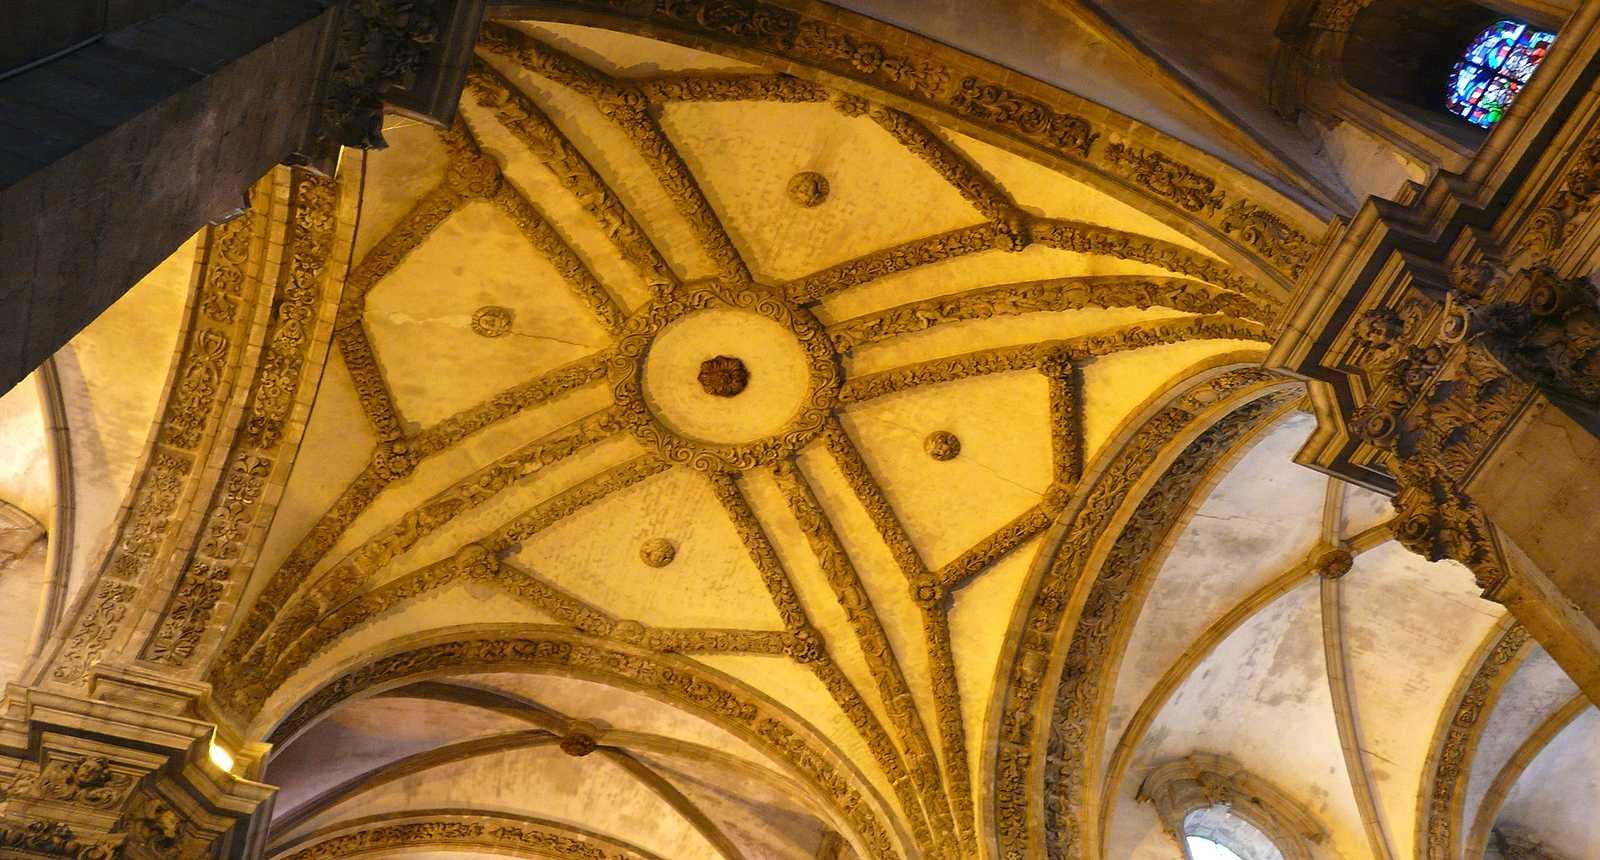 La voûte du transept de l'église Saint-Martin du Cateau-Cambrésis